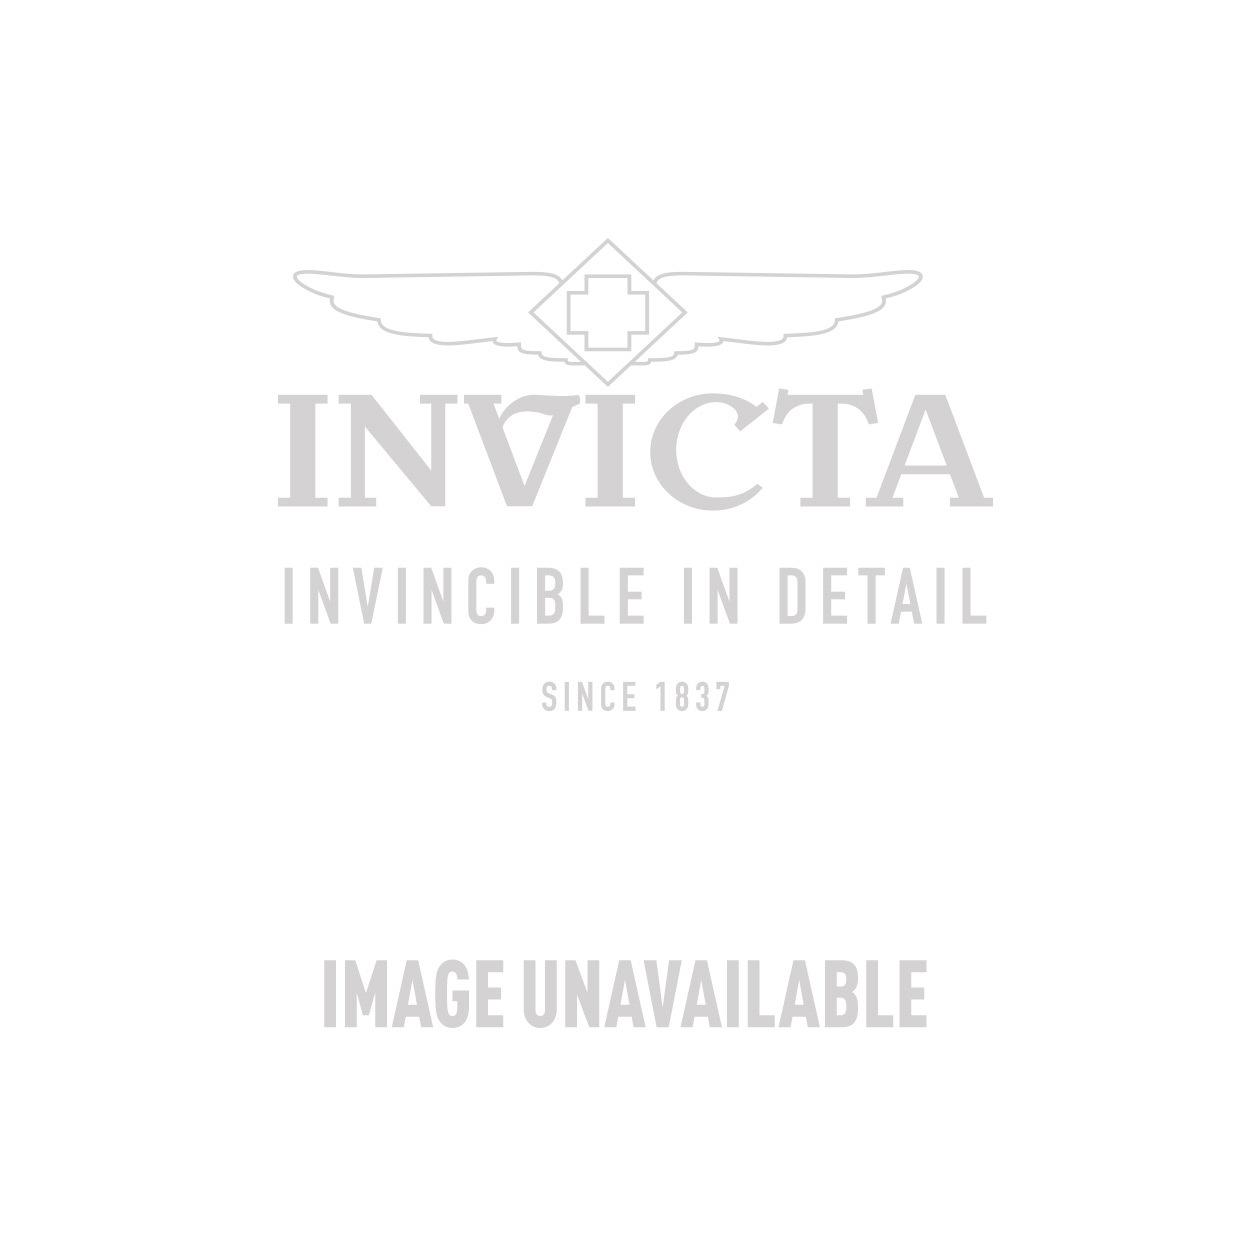 Invicta Model 29191